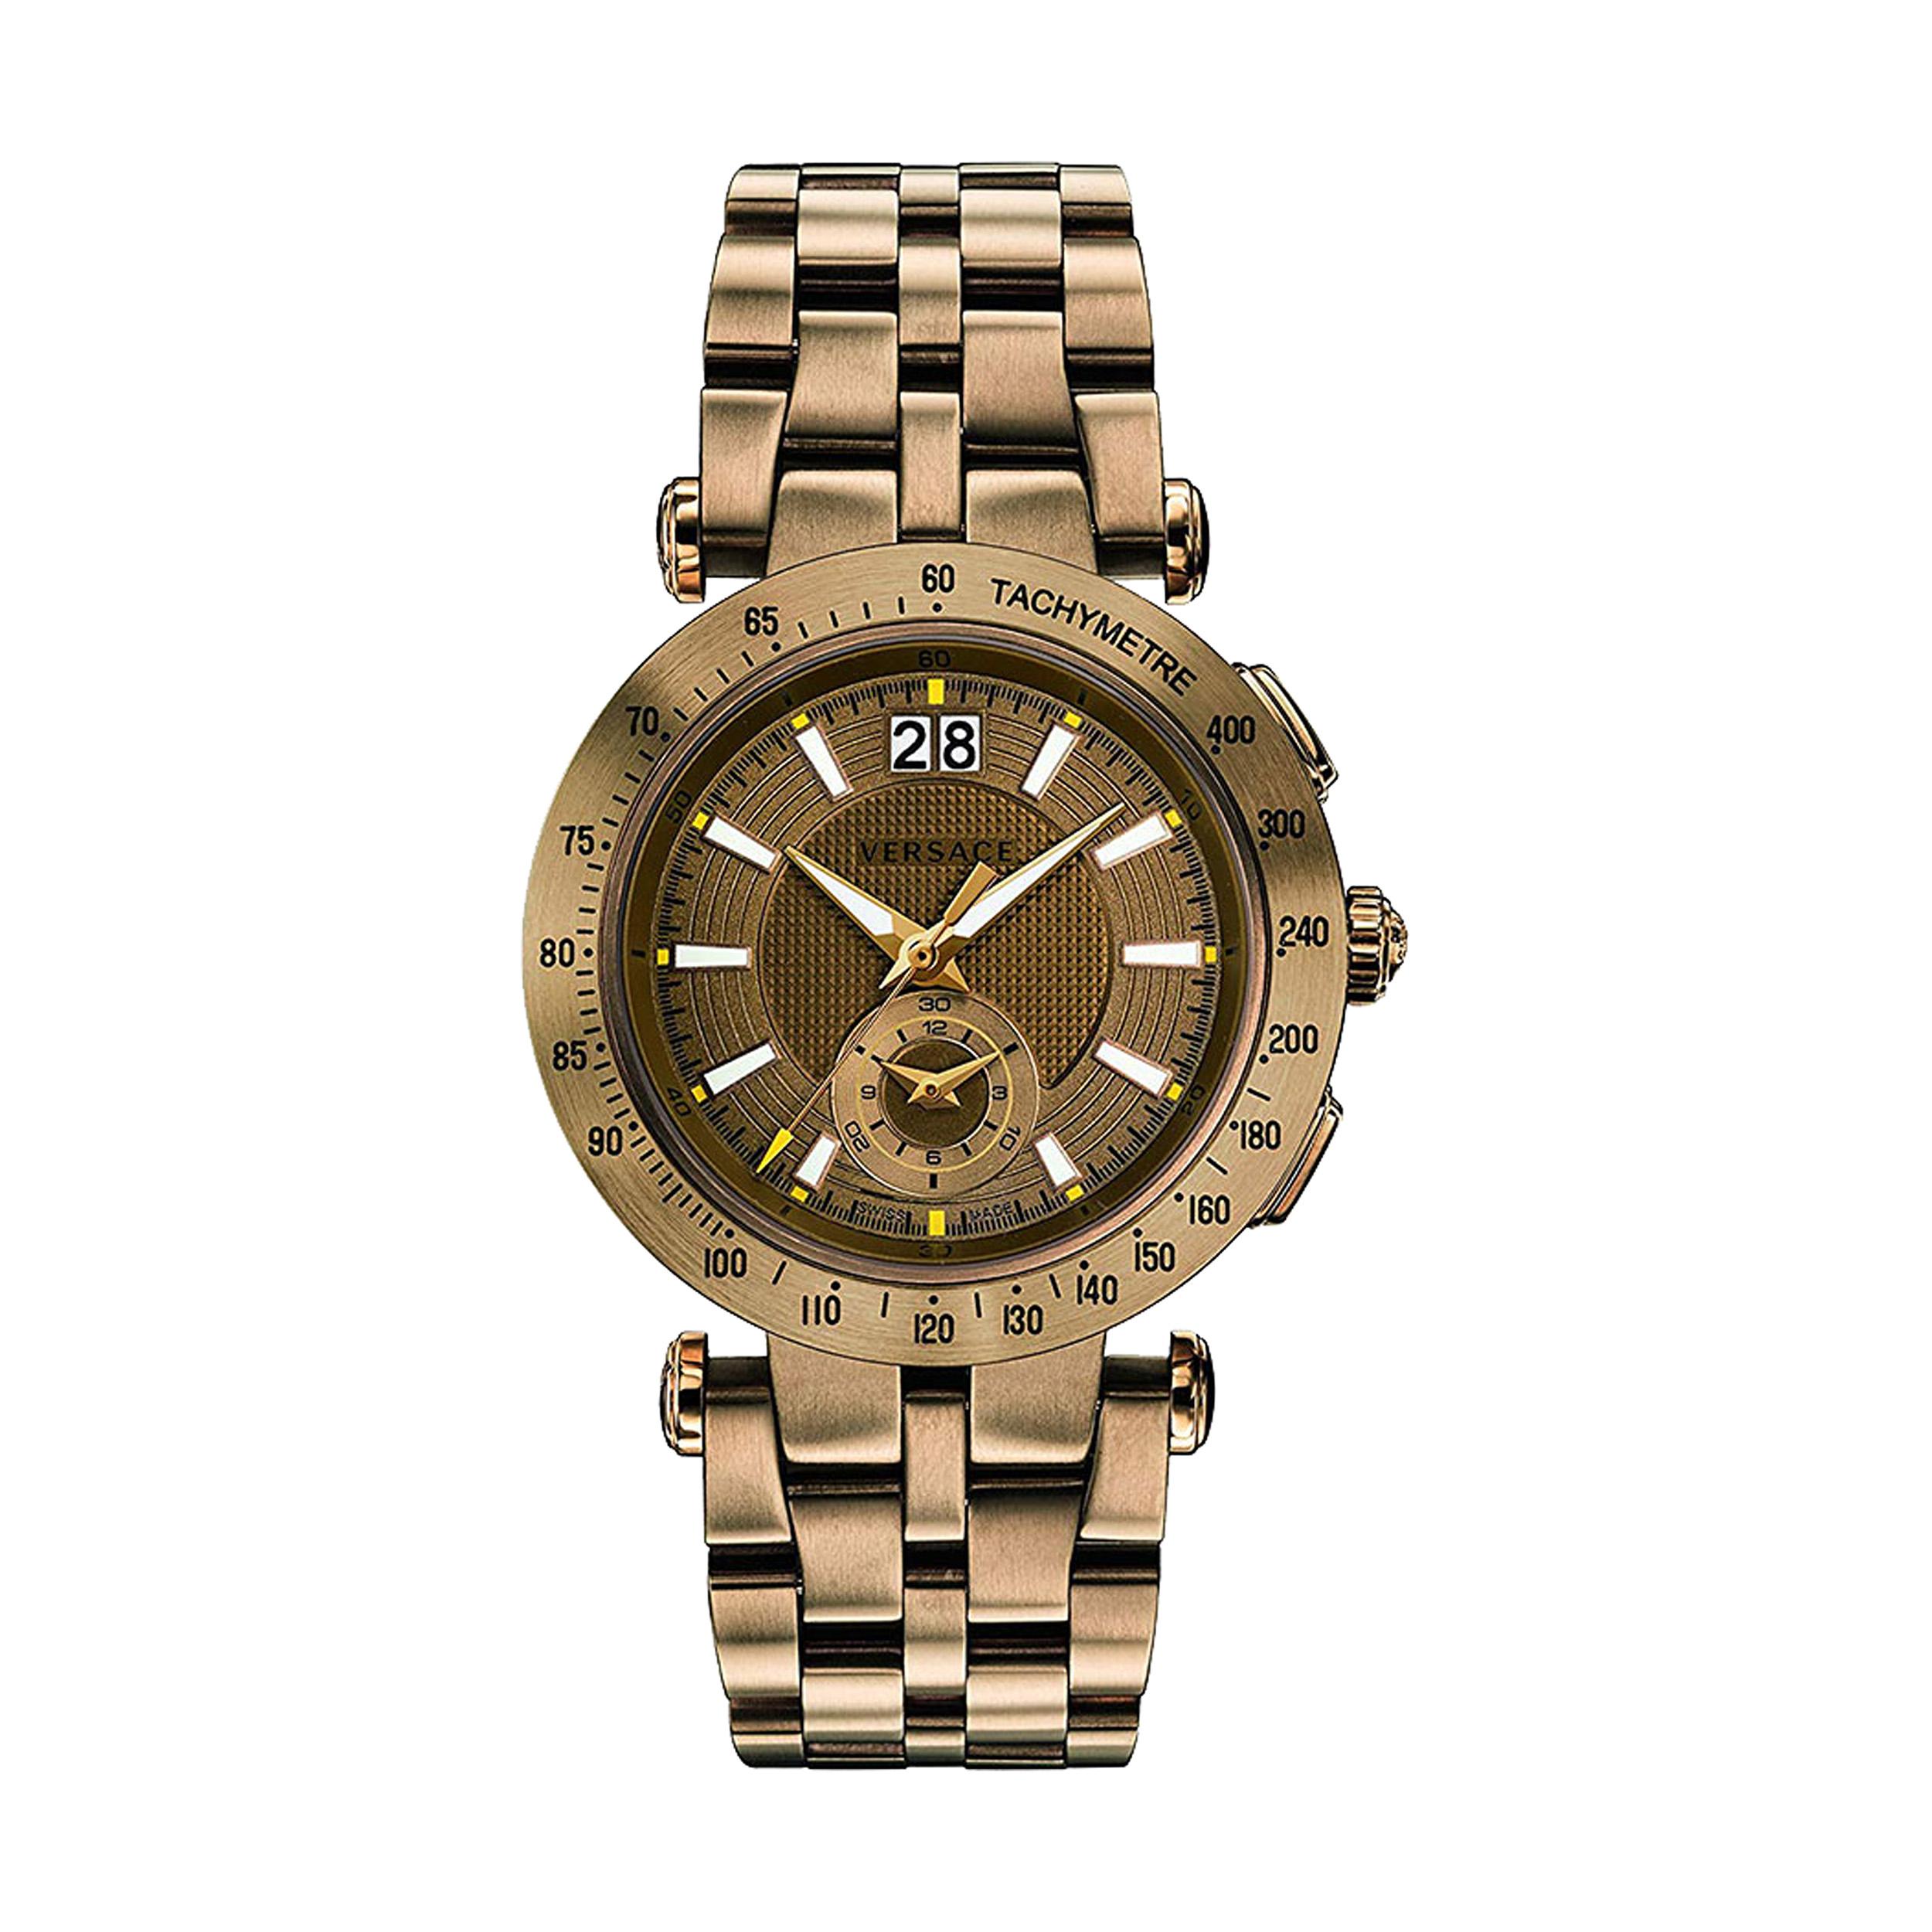 ساعت مچی عقربه ای مردانه ورساچه مدل VAH060016 8